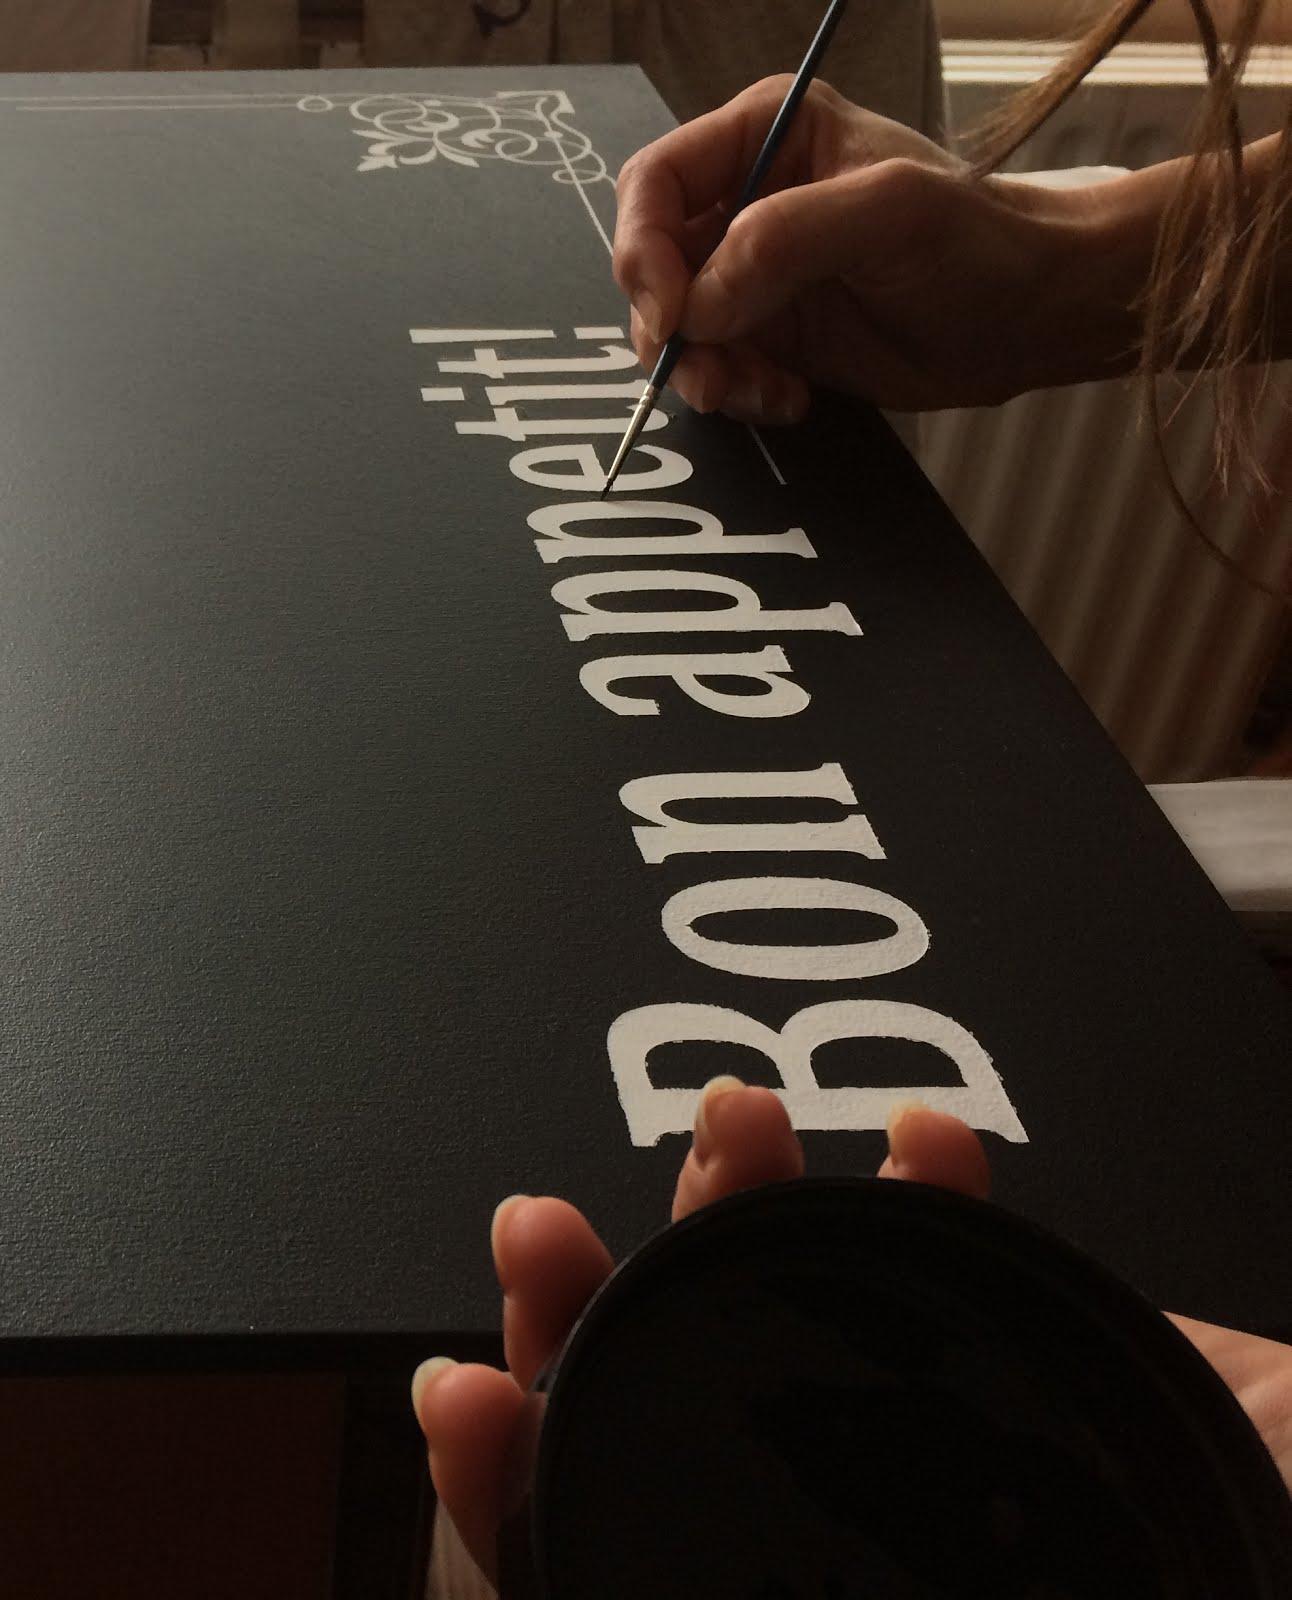 Ръчно надписване и брандиране на черни дъски.